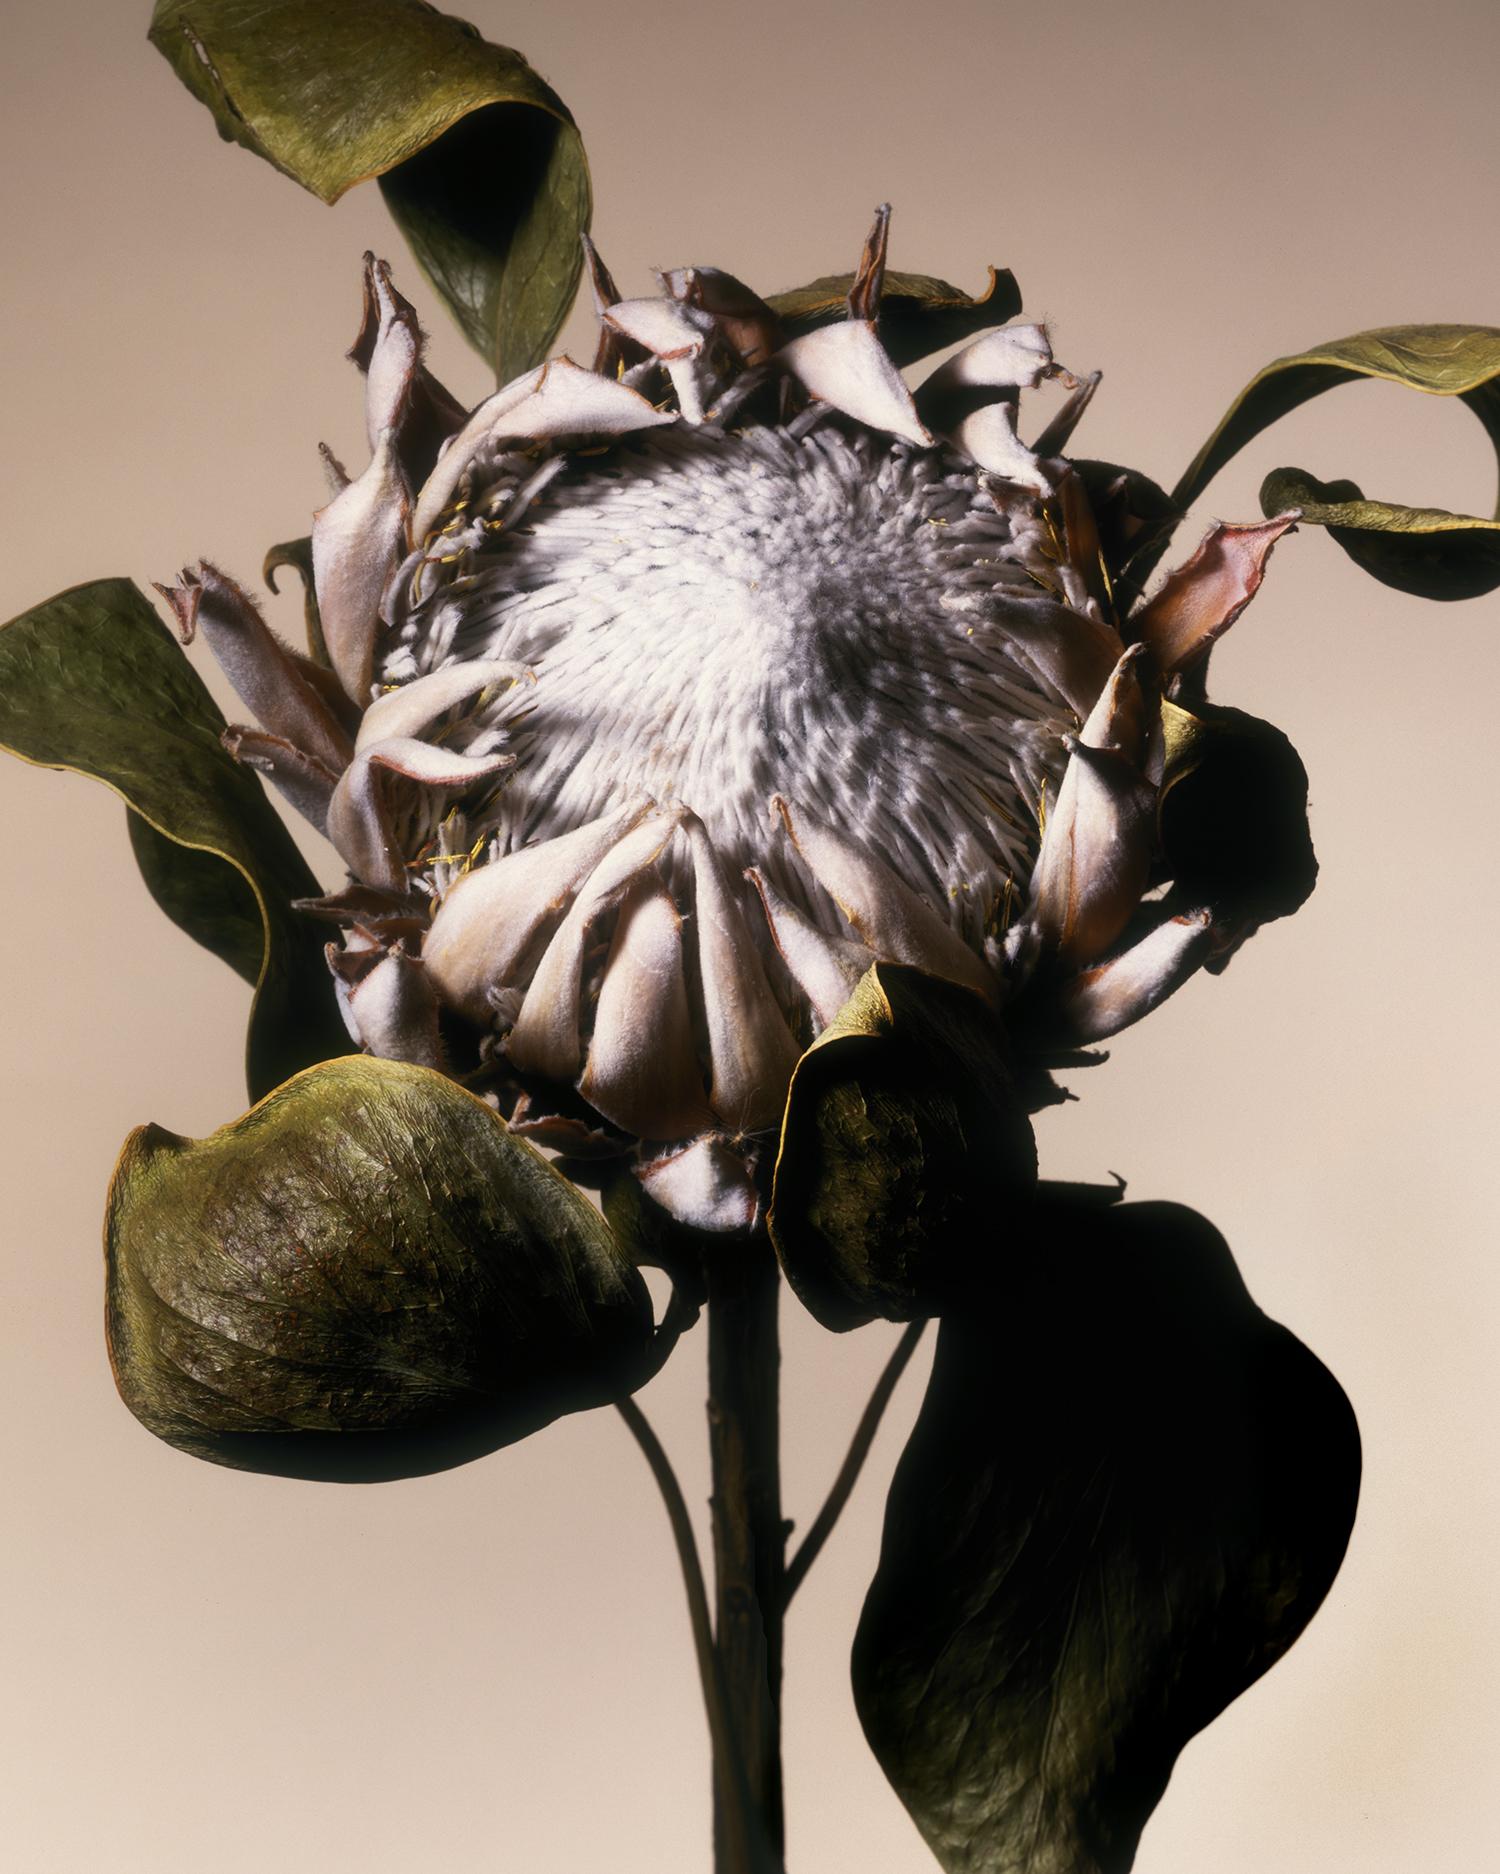 dryflower1.jpg